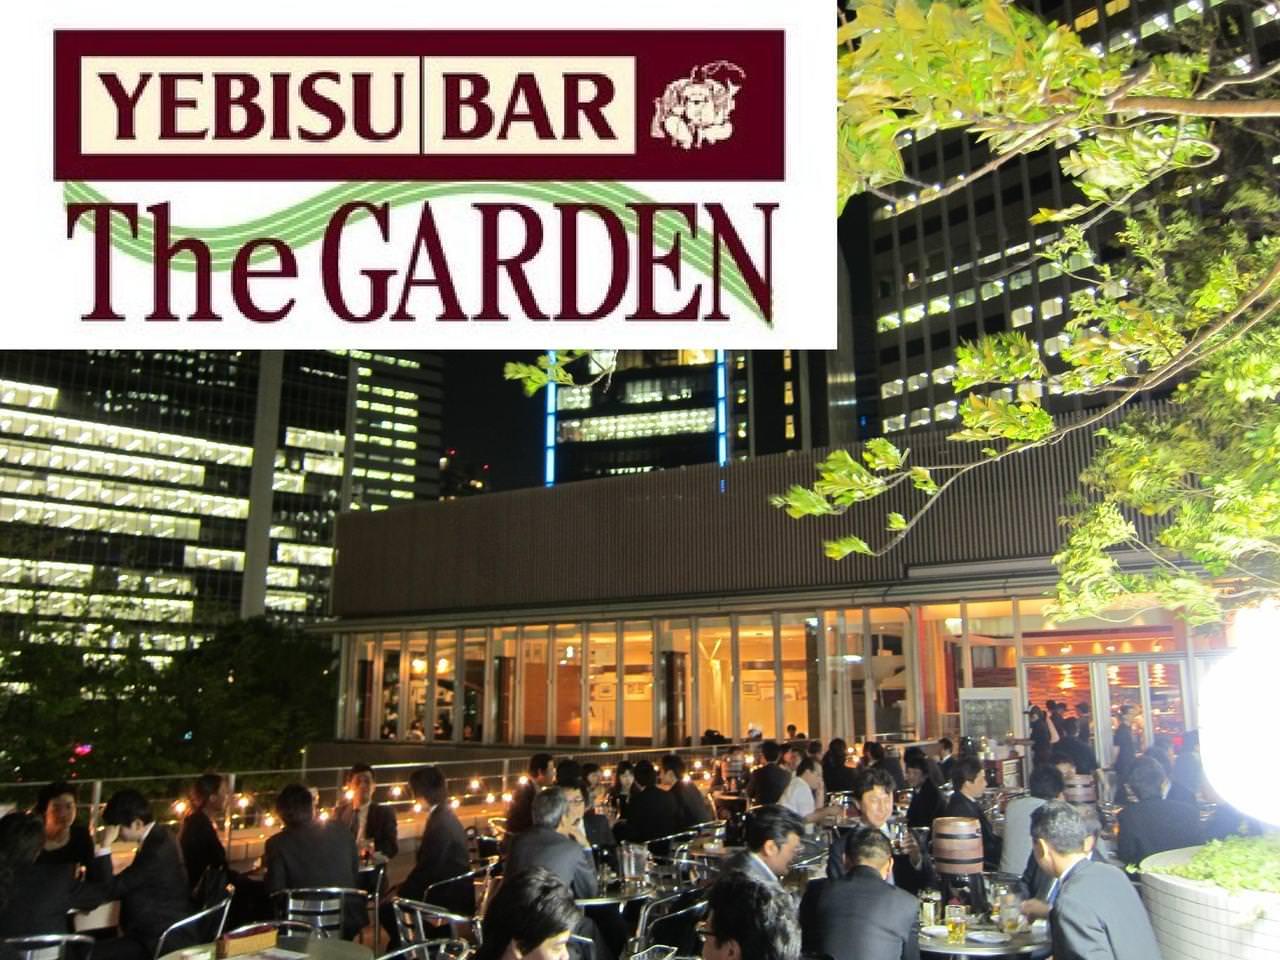 ぐるなび - YEBISU BAR The GARDEN(エビスバーザガーデン) (霞ヶ関/ビアガーデン)